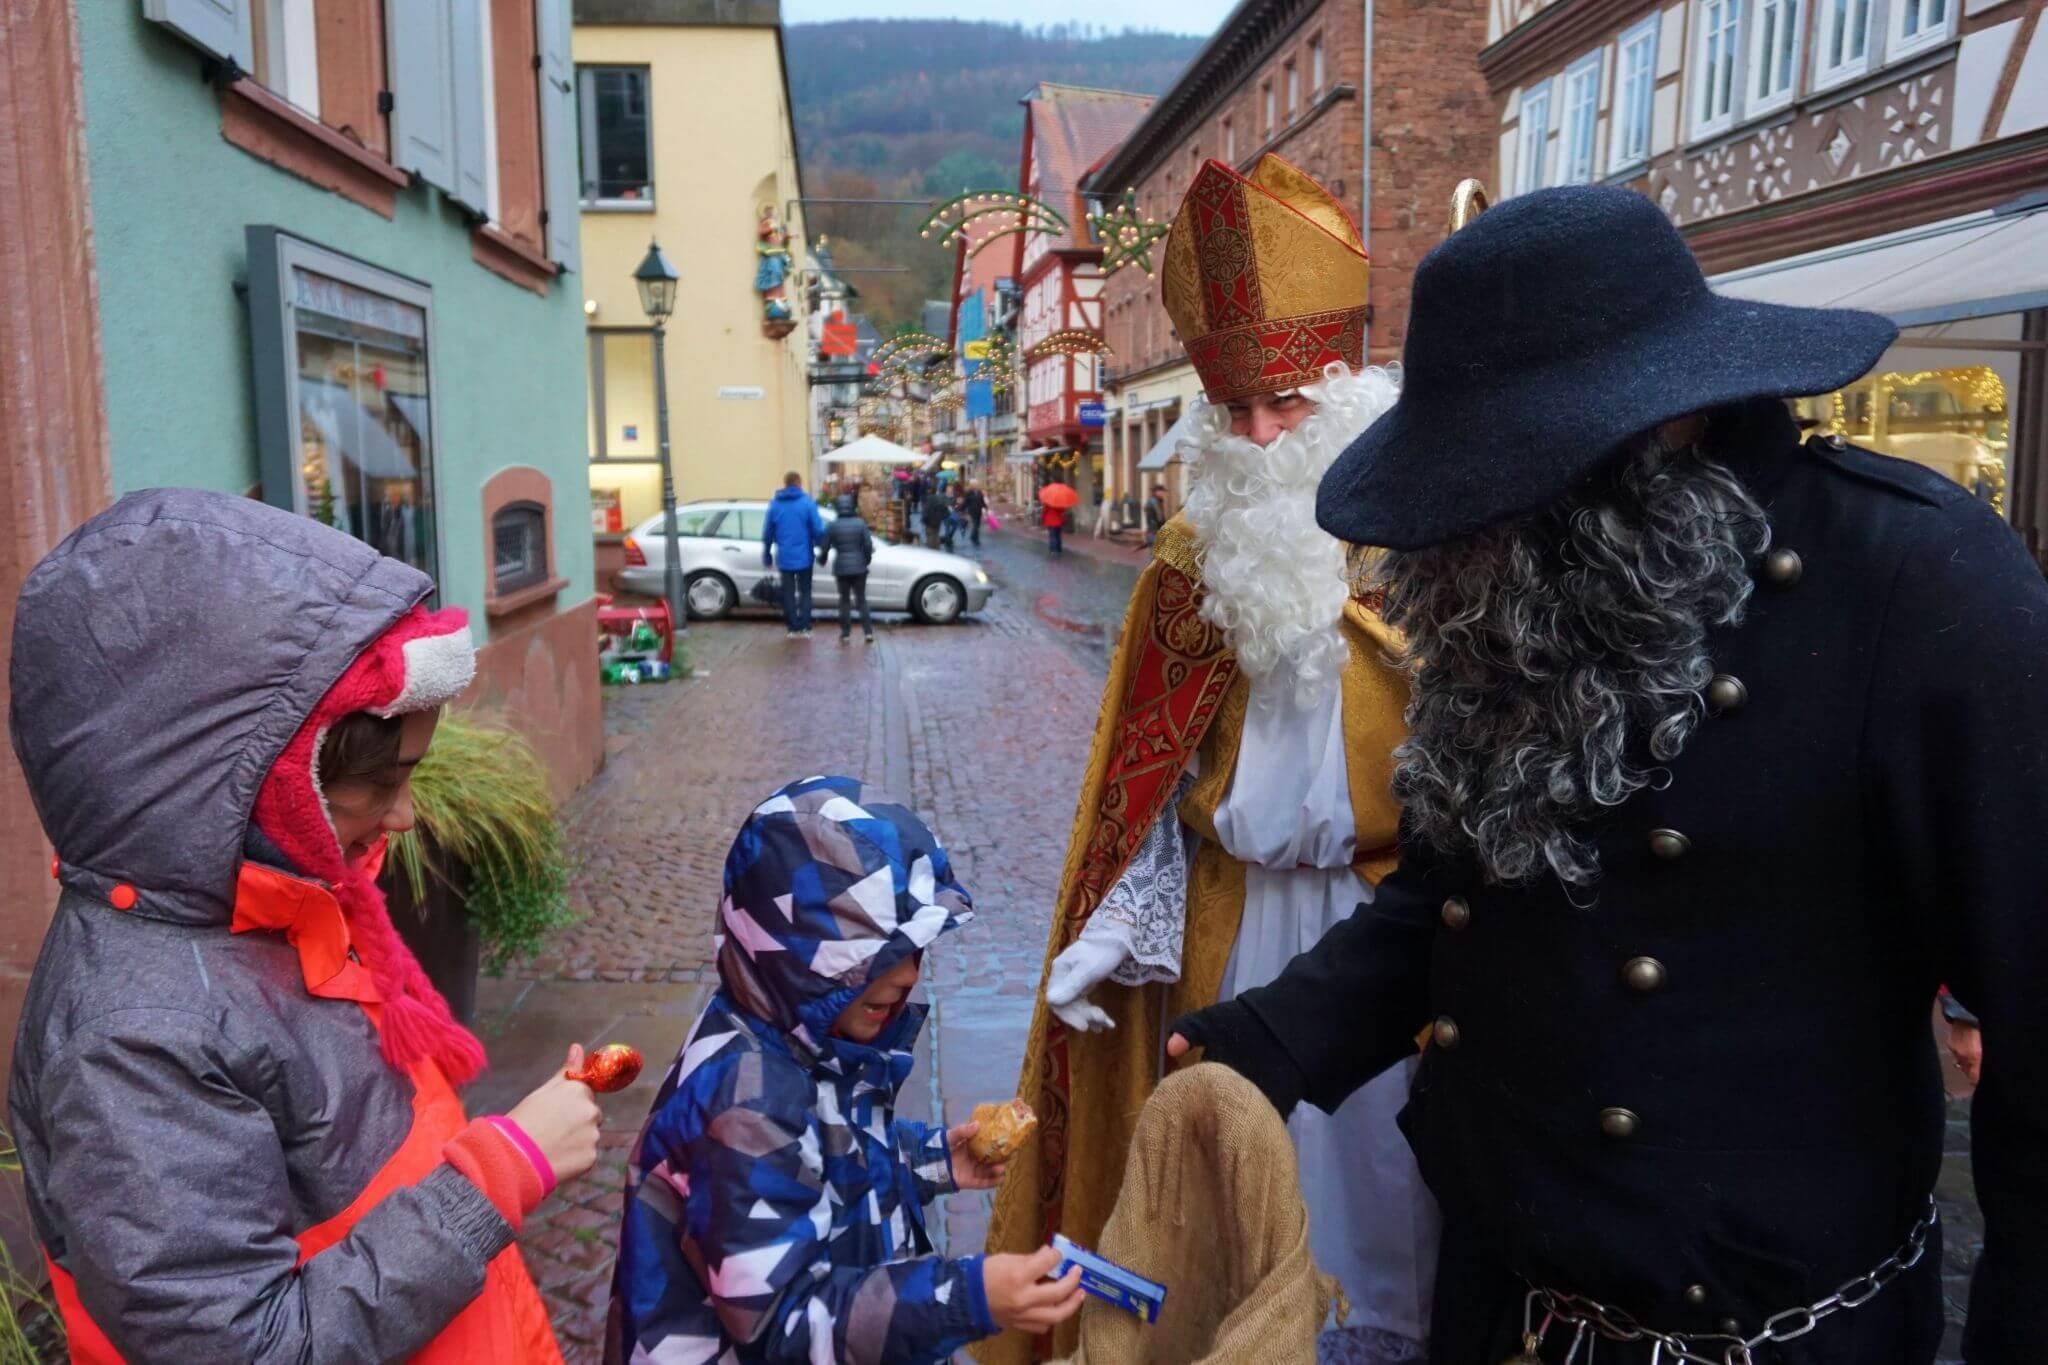 San Nikolaus y su acompañante visitan Miltenberg